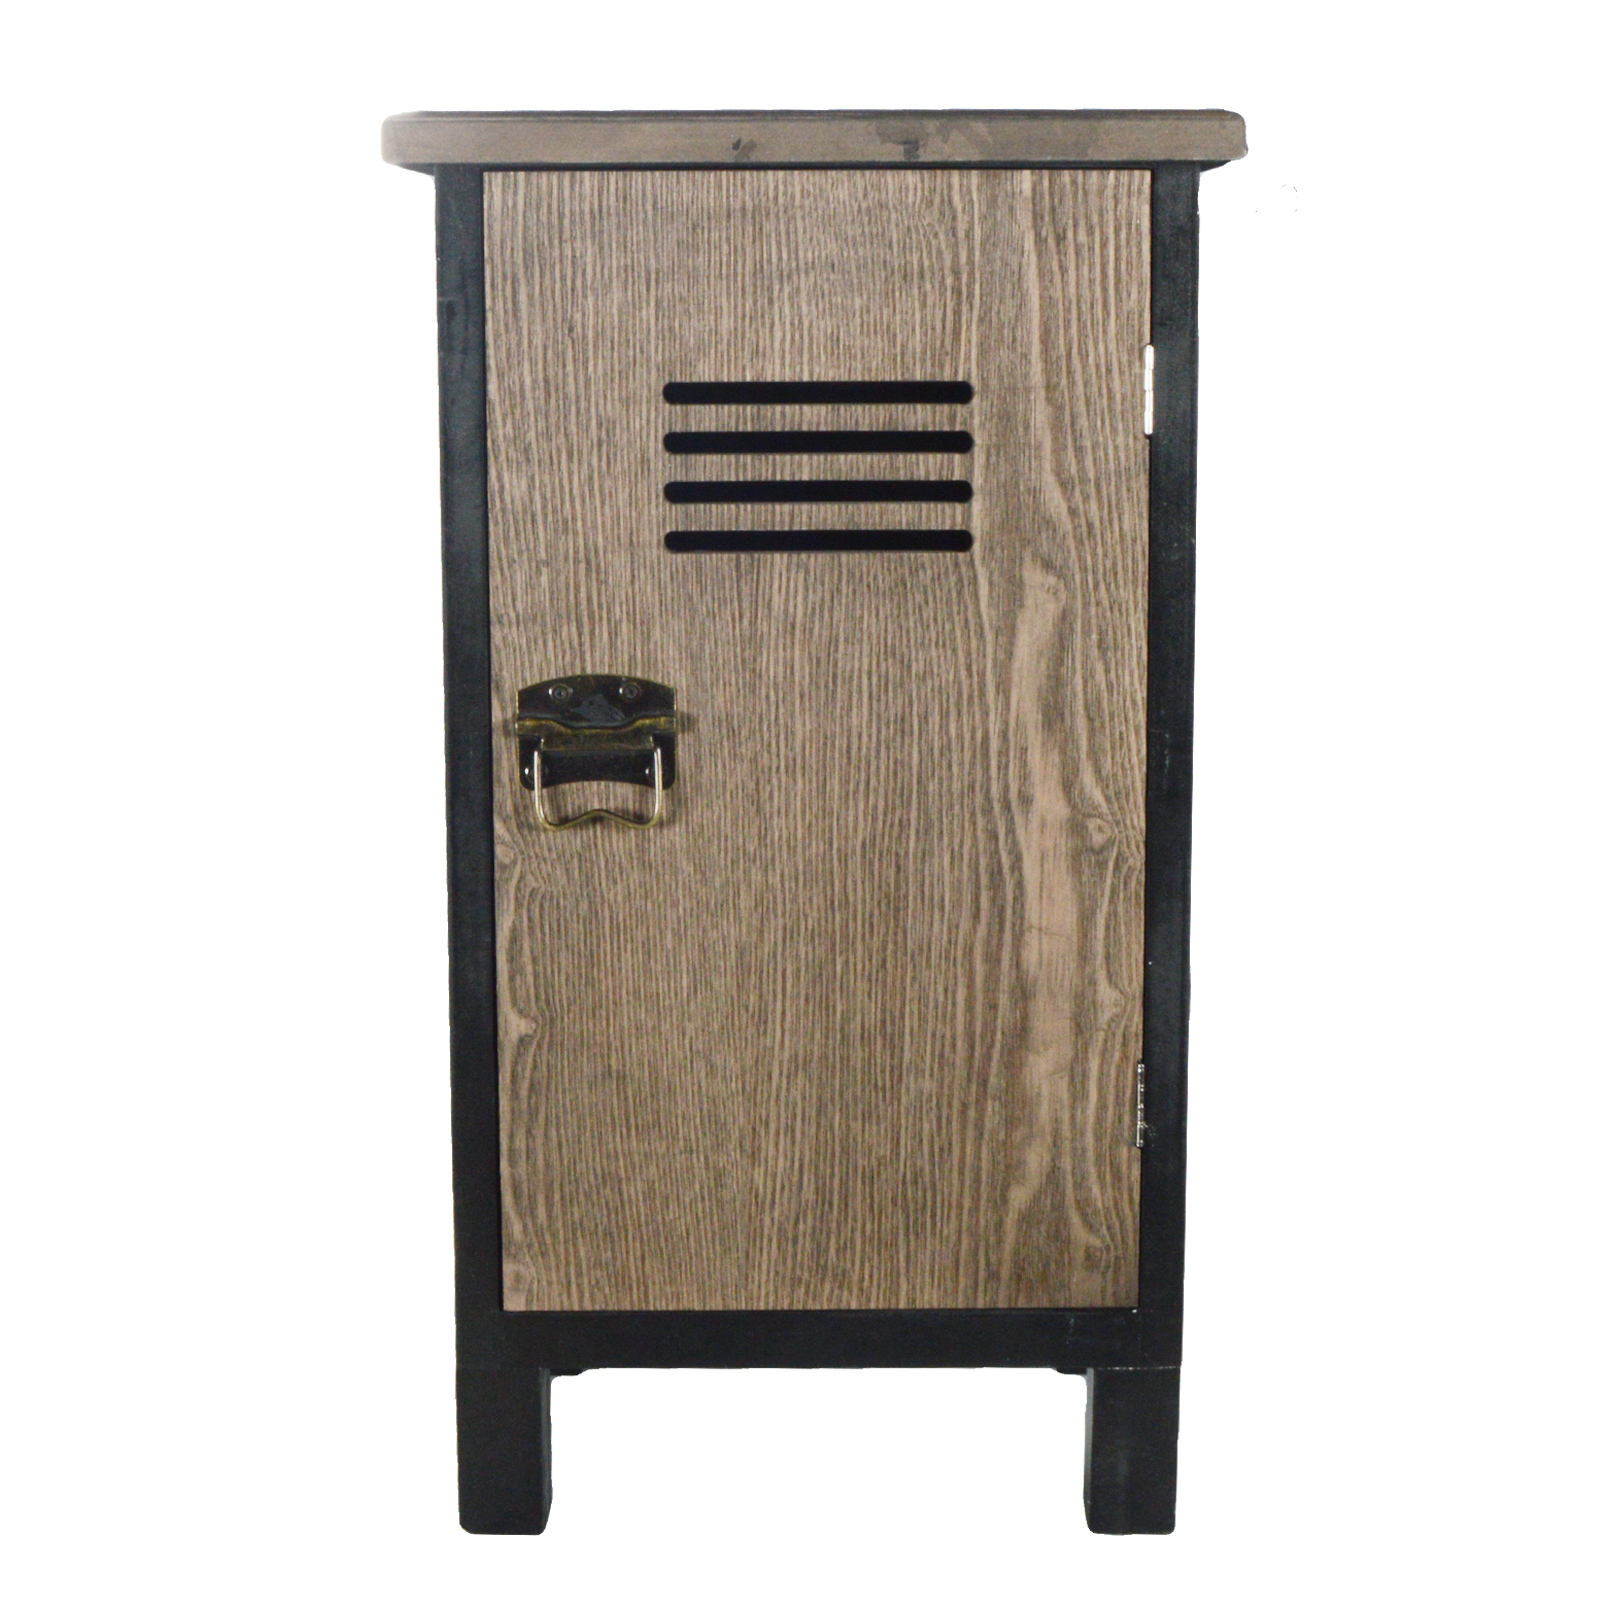 spind schrank spint holzschrank holzspind industrie vintage shabby chic. Black Bedroom Furniture Sets. Home Design Ideas